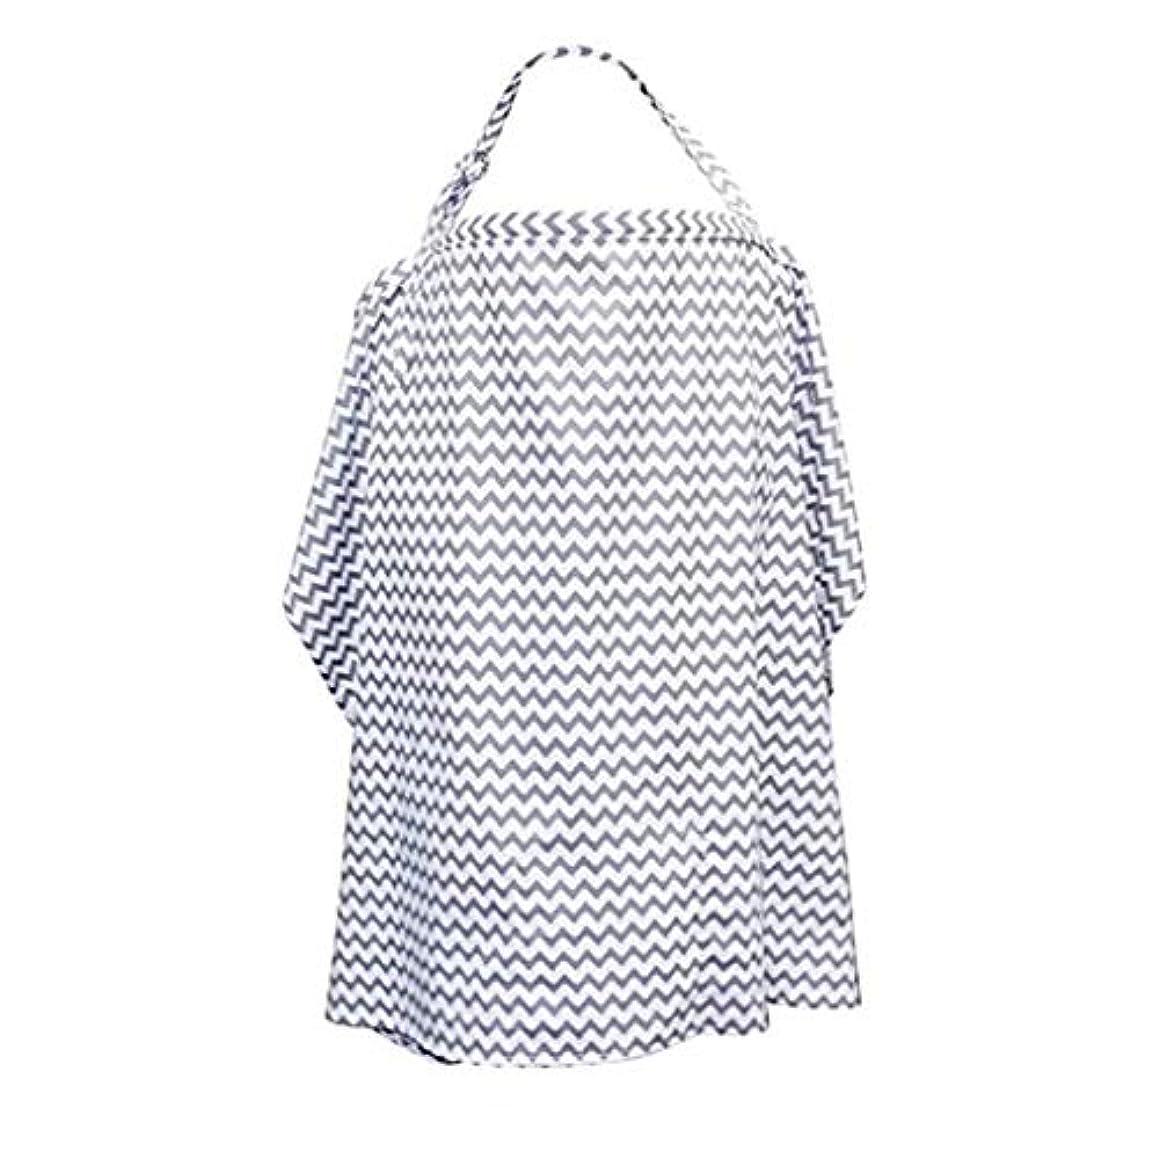 新しい意味クルー注入する調節可能なストラップ付き母乳育児カバー - 100%プレミアムコットンベースの看護カバー - 屋外給餌赤ちゃん看護布 - 収納バッグ&タオルコーナー (グレー)